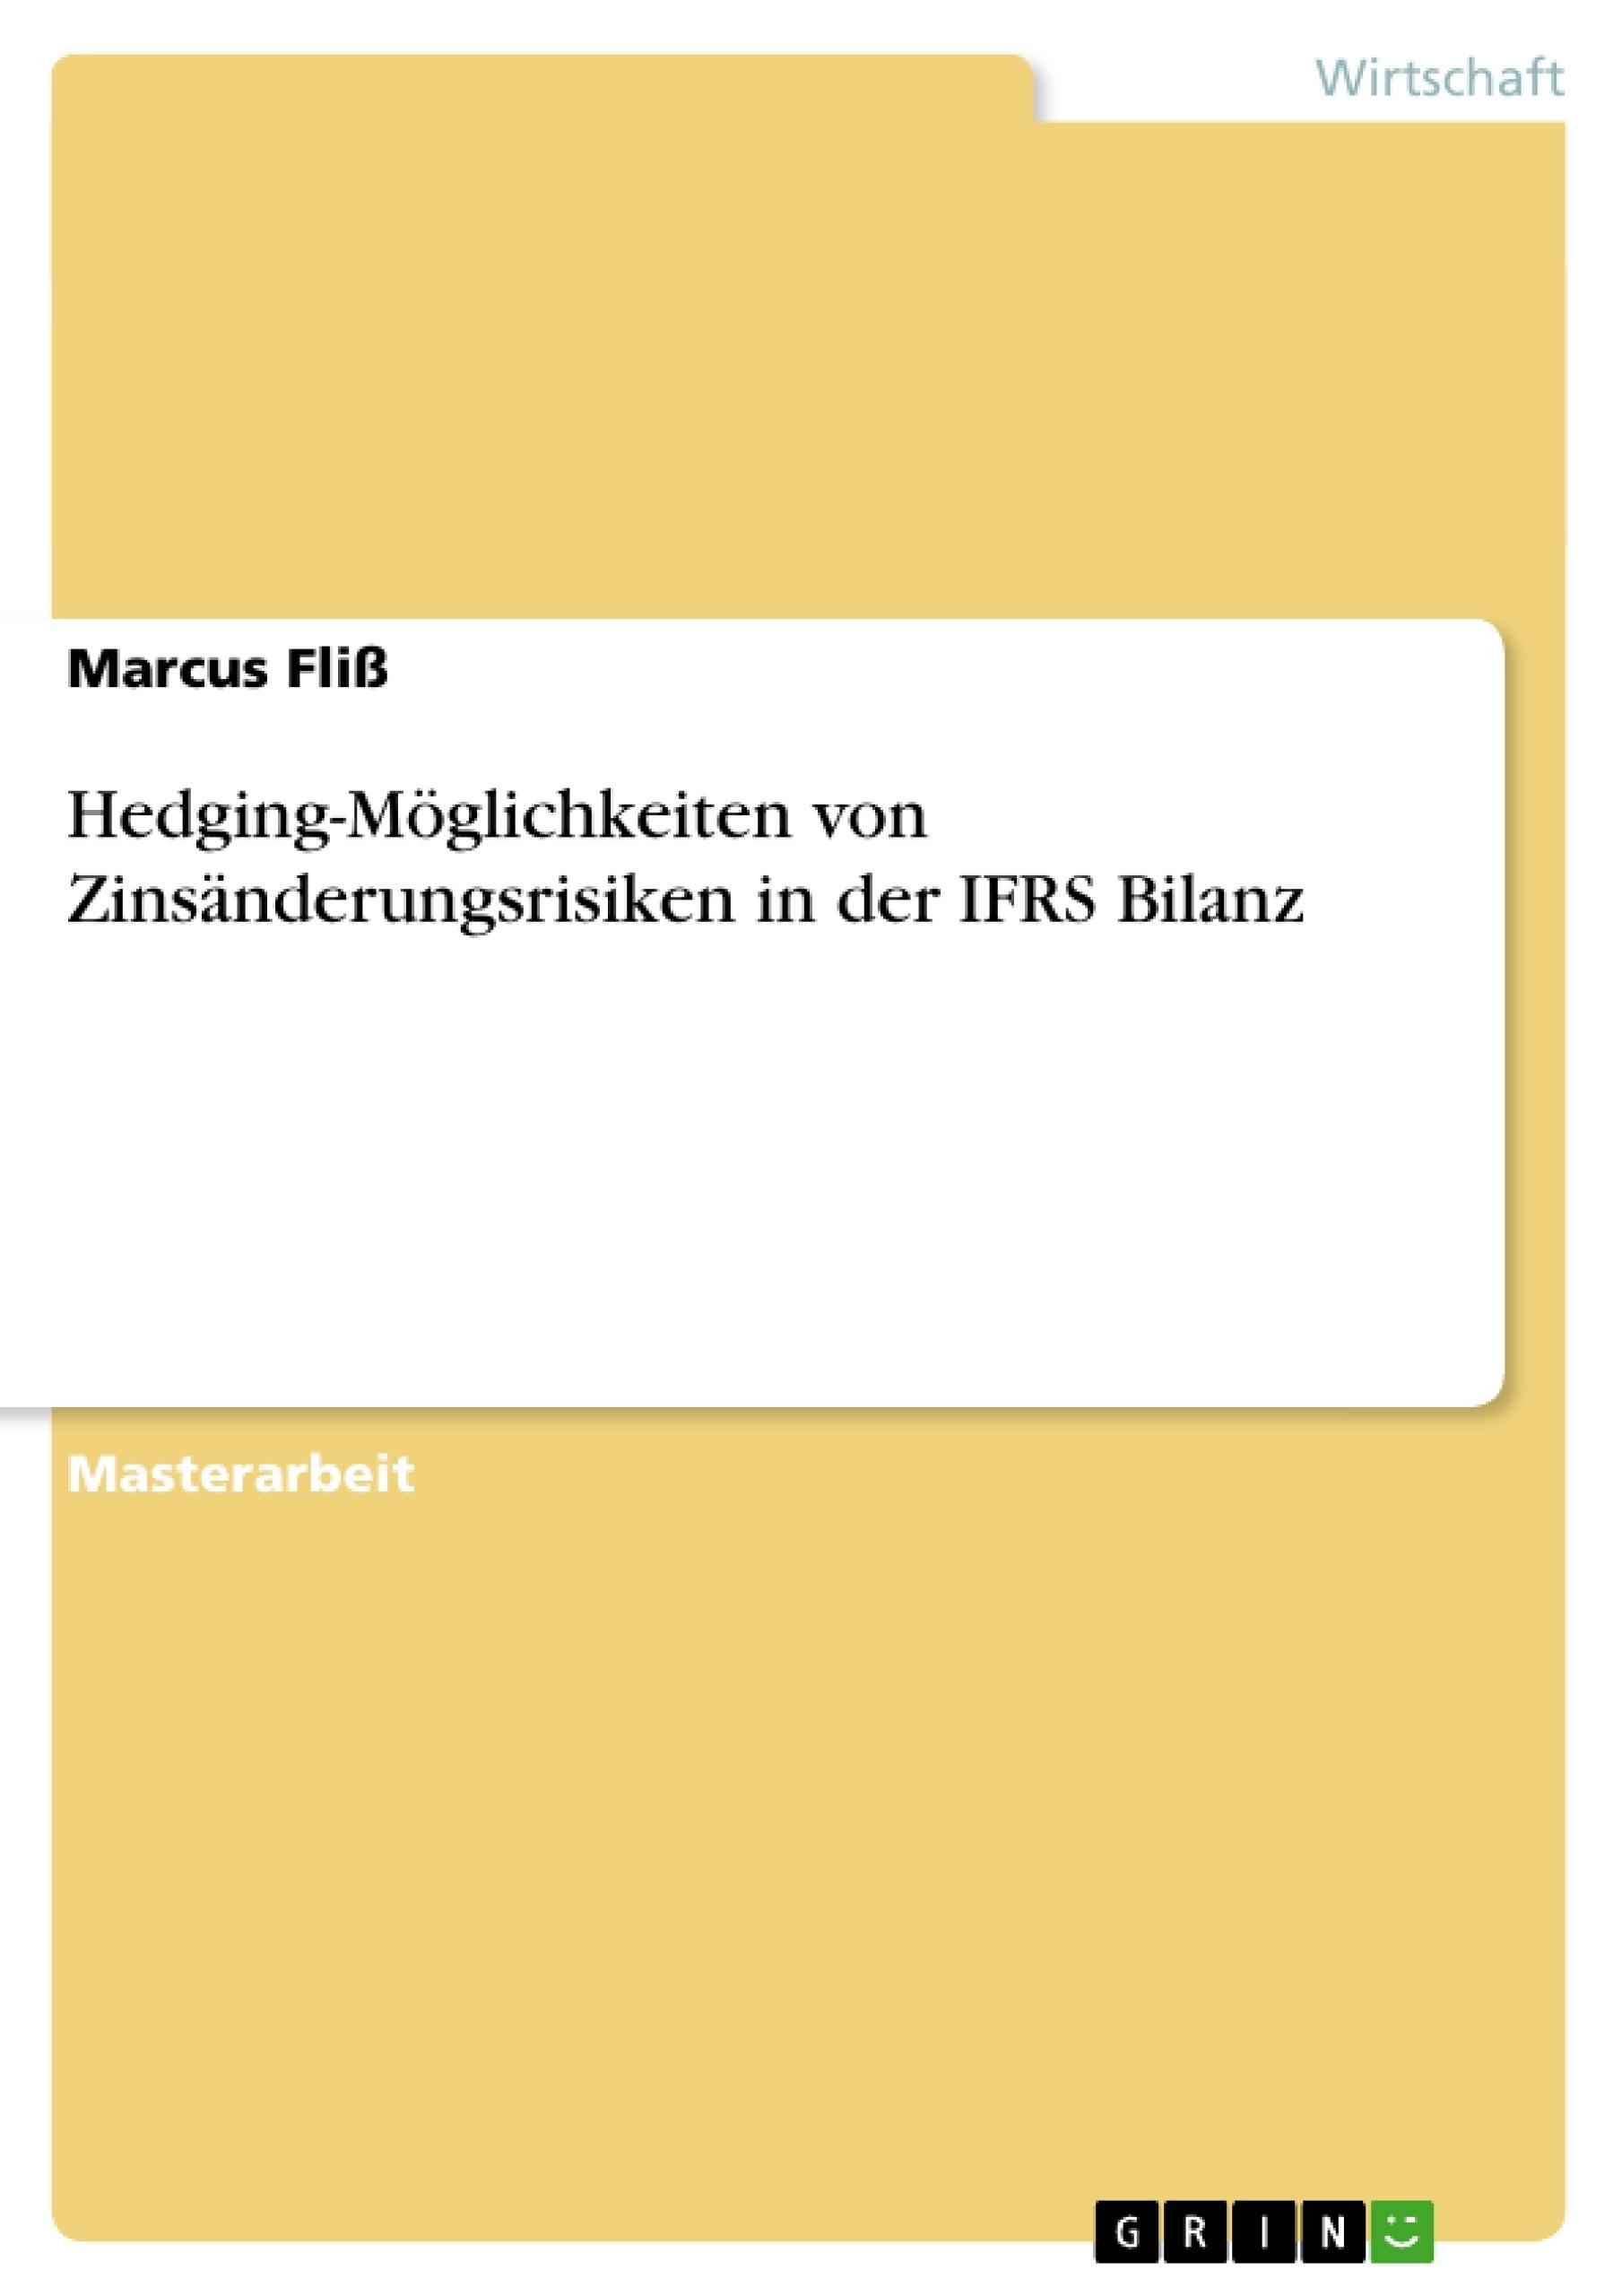 Titel: Hedging-Möglichkeiten von Zinsänderungsrisiken in der IFRS Bilanz